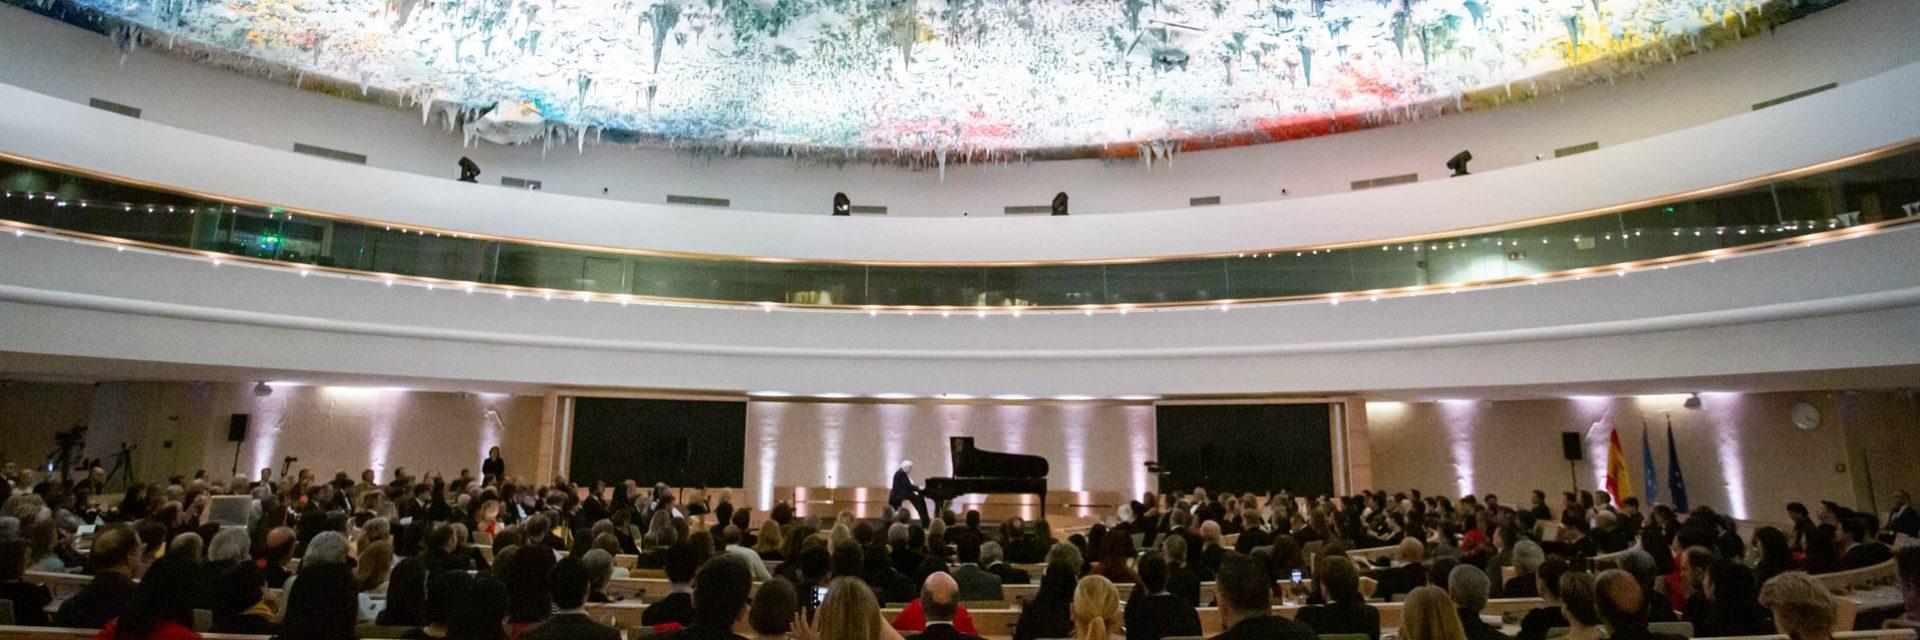 <h2>Concierto de los Derechos Humanos 2020 - 7ª edición</h2>